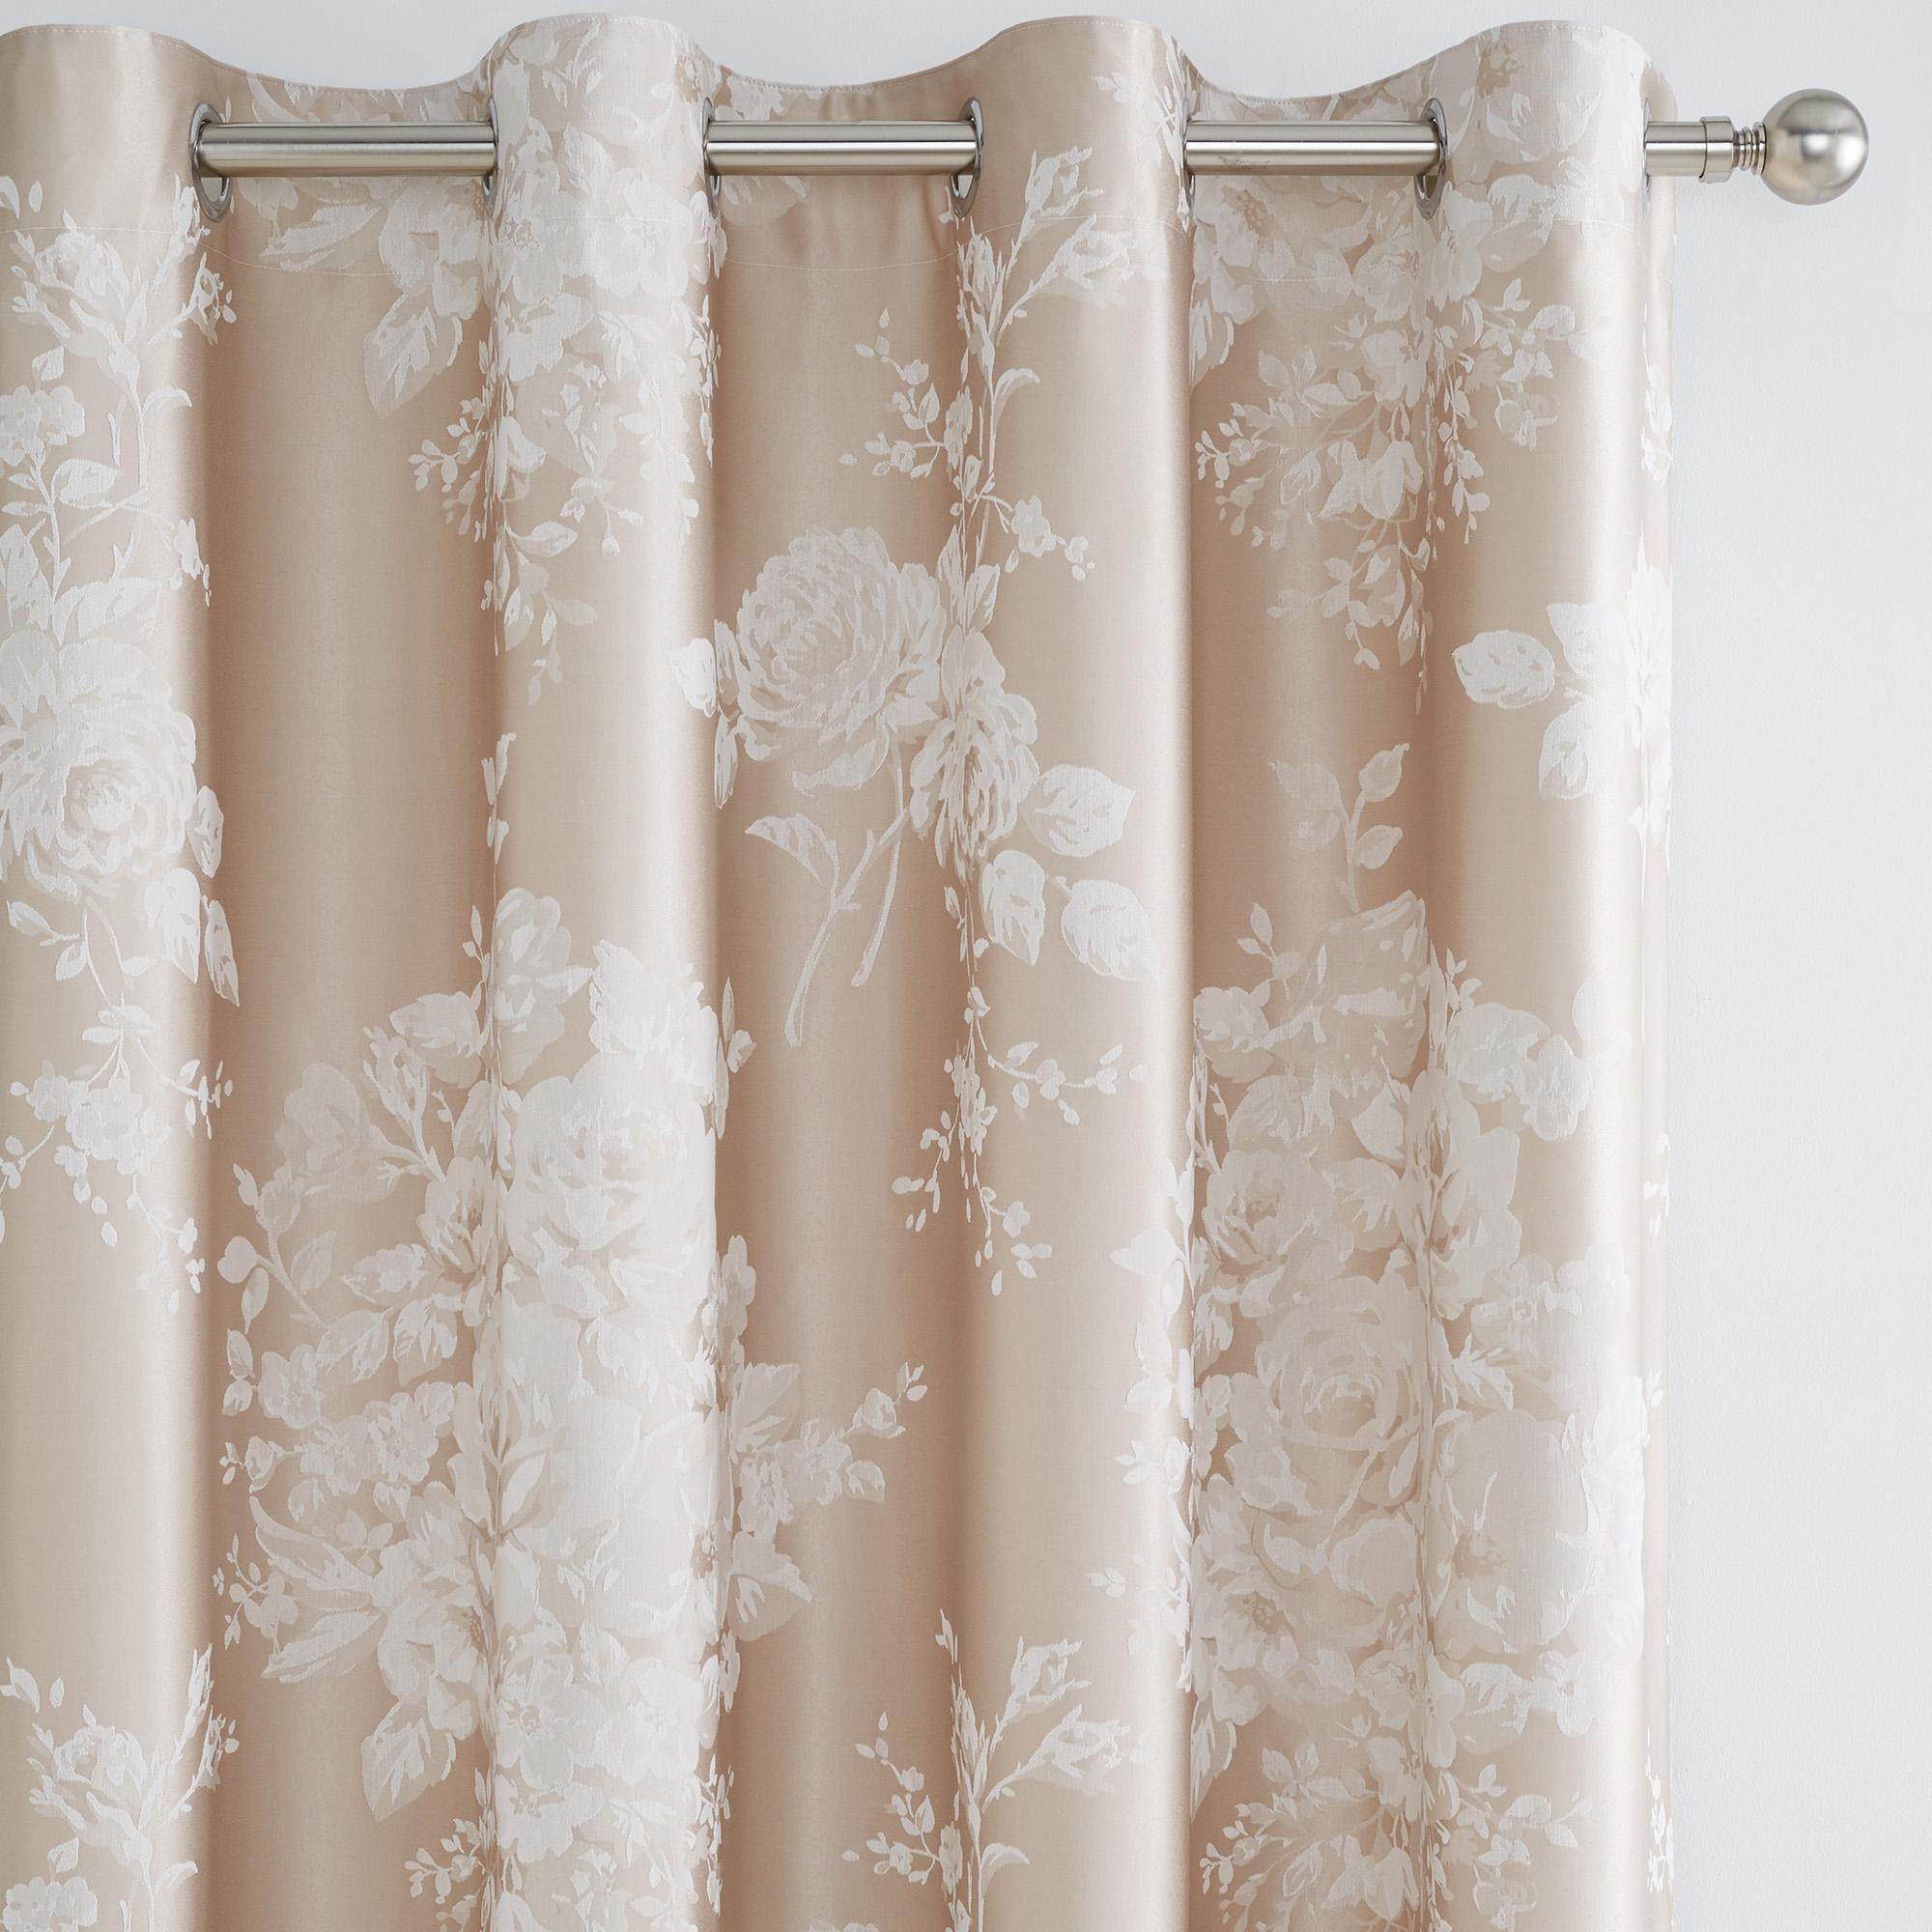 Laura Natural Jacquard Thermal Eyelet Curtains in 2020